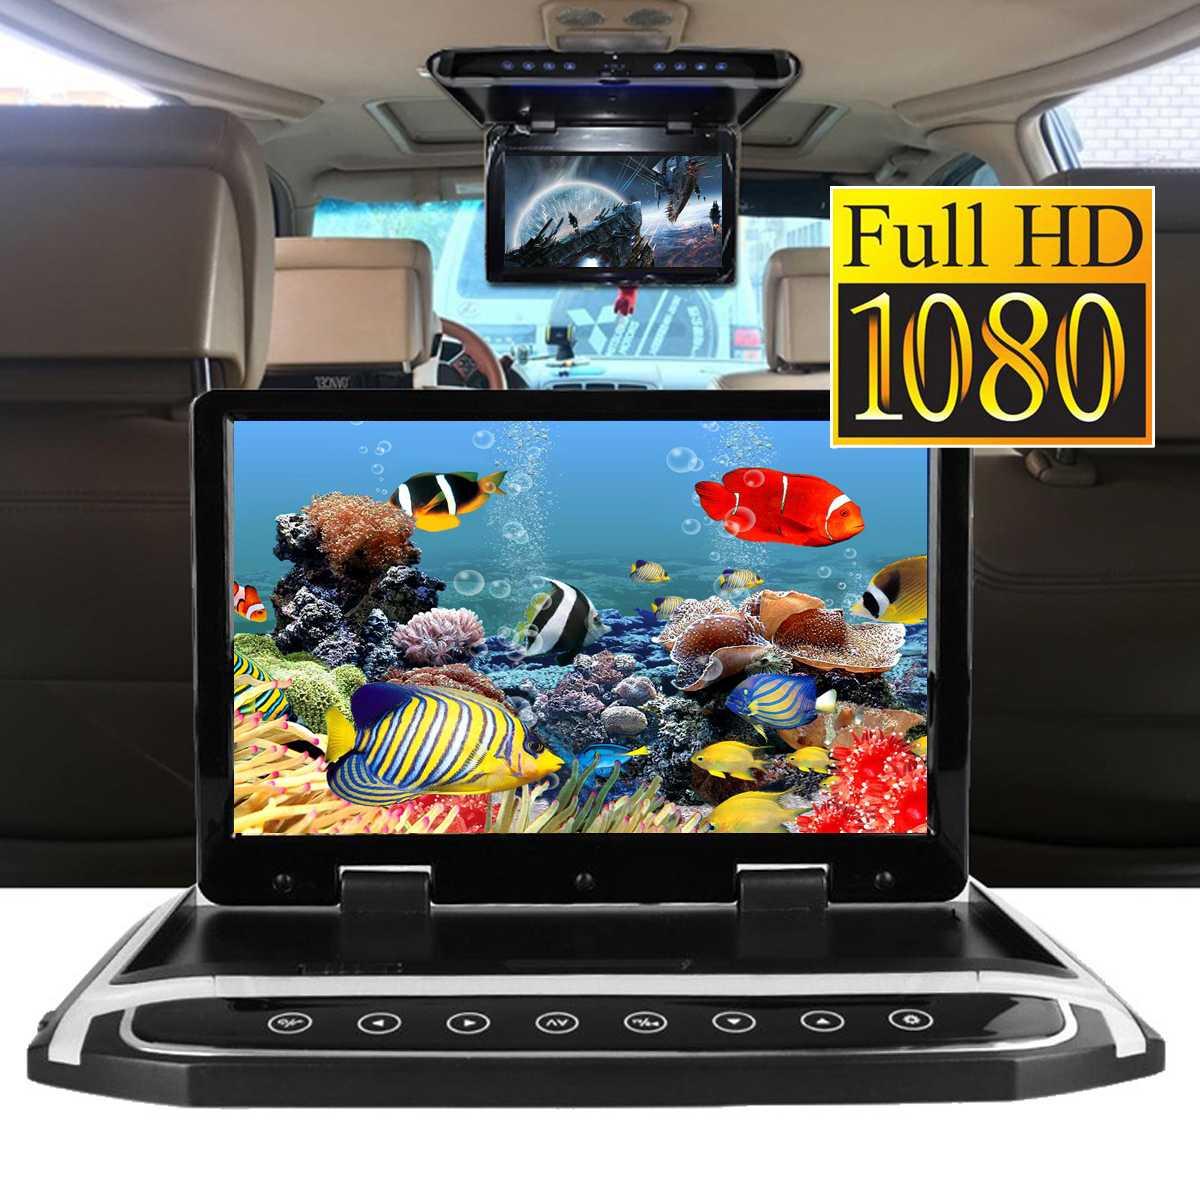 Reproductor de DVD de pantalla ancha HD de 15,6 pulgadas para coche, reproductor de montaje en techo de coche HDMI abatible hacia abajo para Monitor 1920*1080 - 6